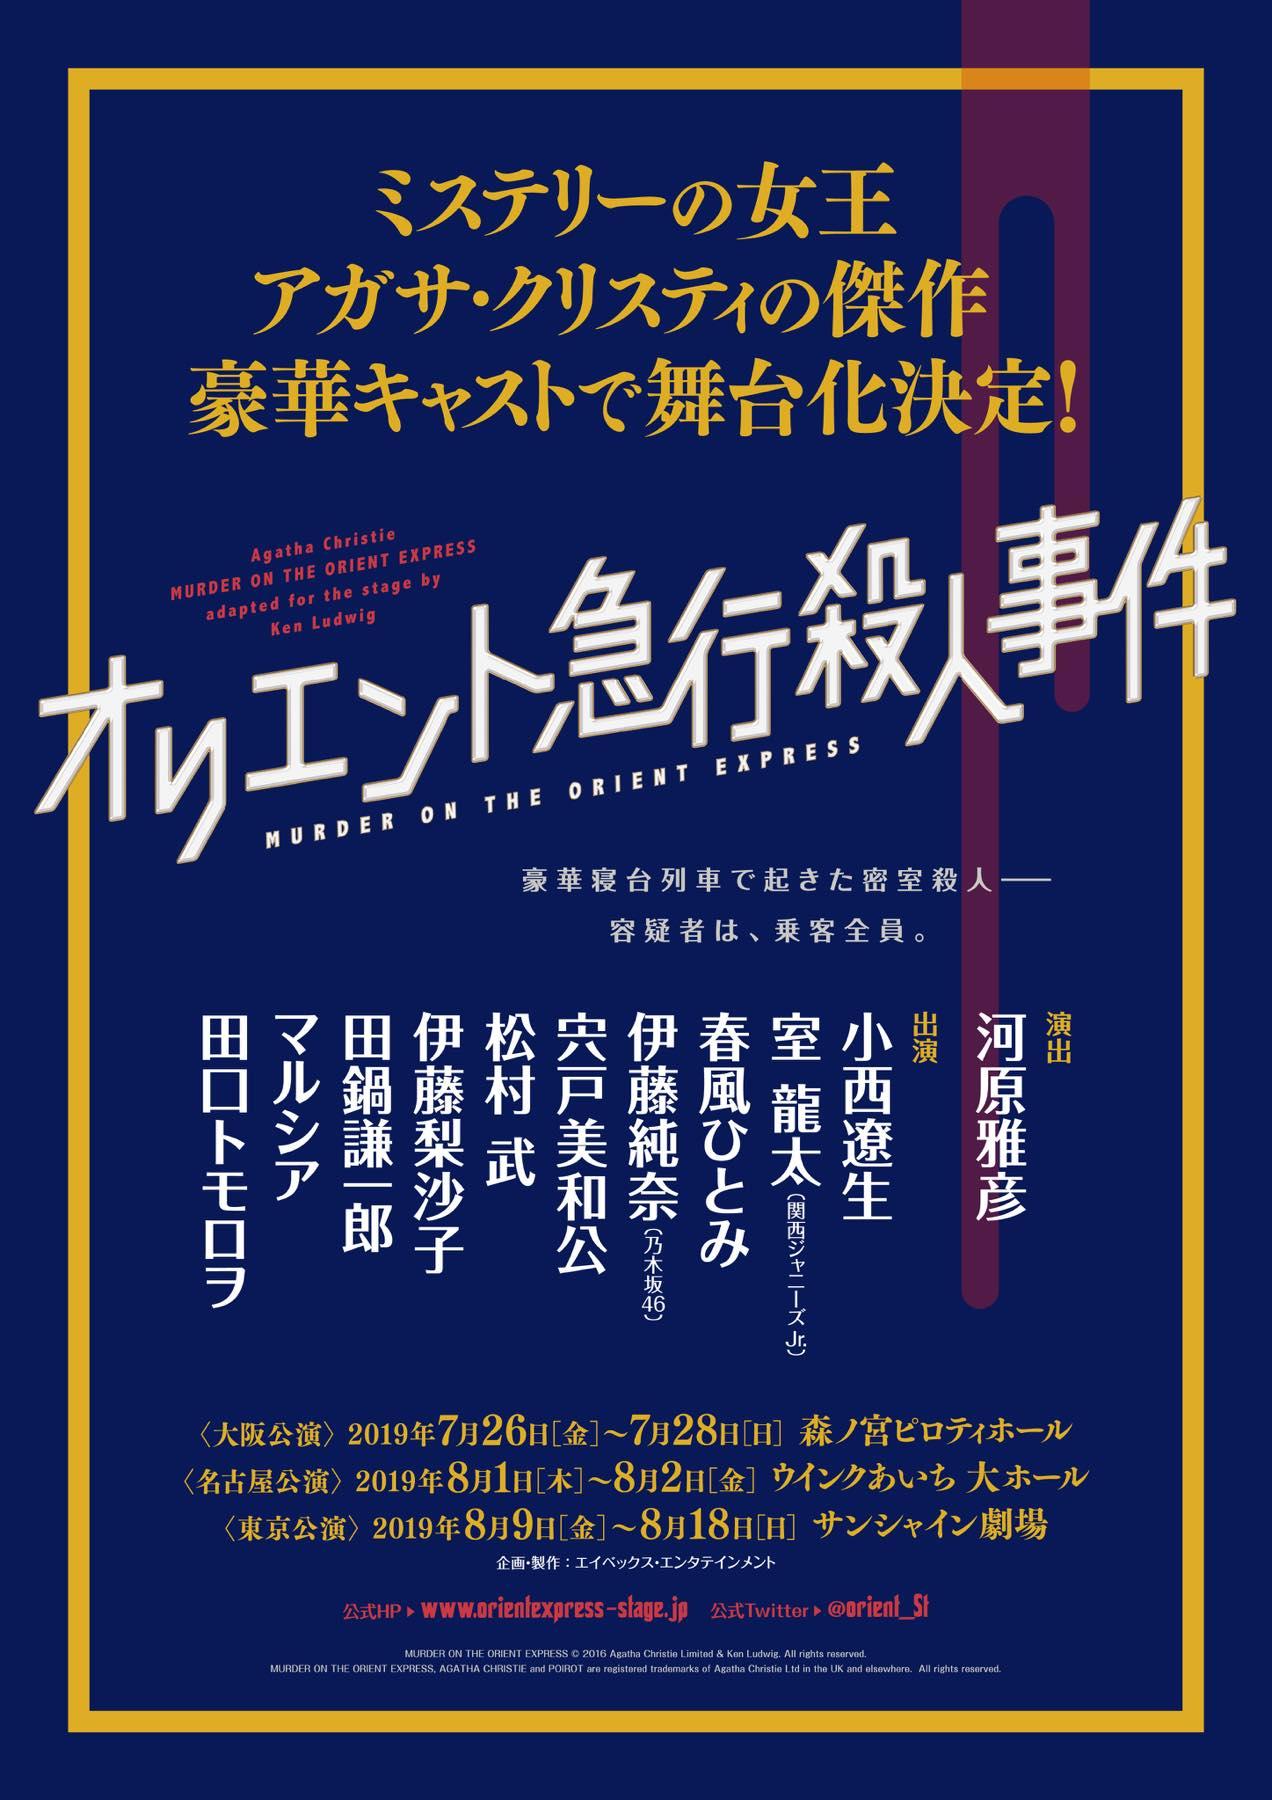 20190419オリエント急行殺人事件_仮チラシ